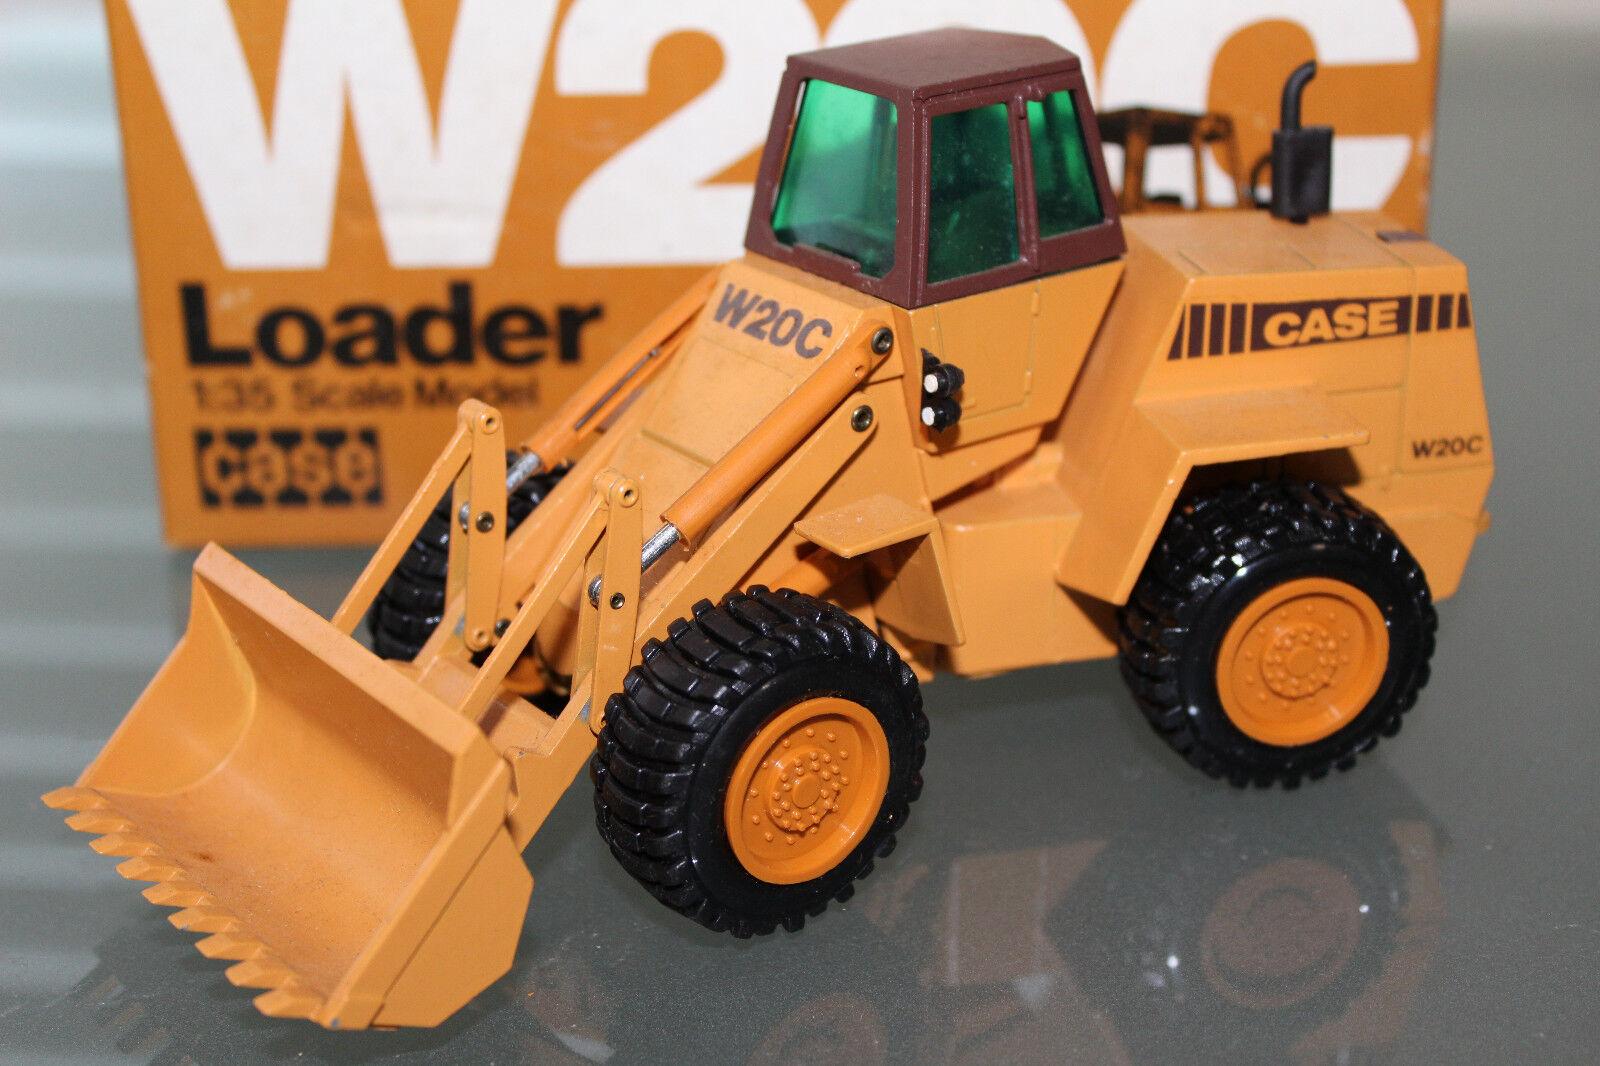 NZG Modelle 1 35 Scale CASE LOADER W20C